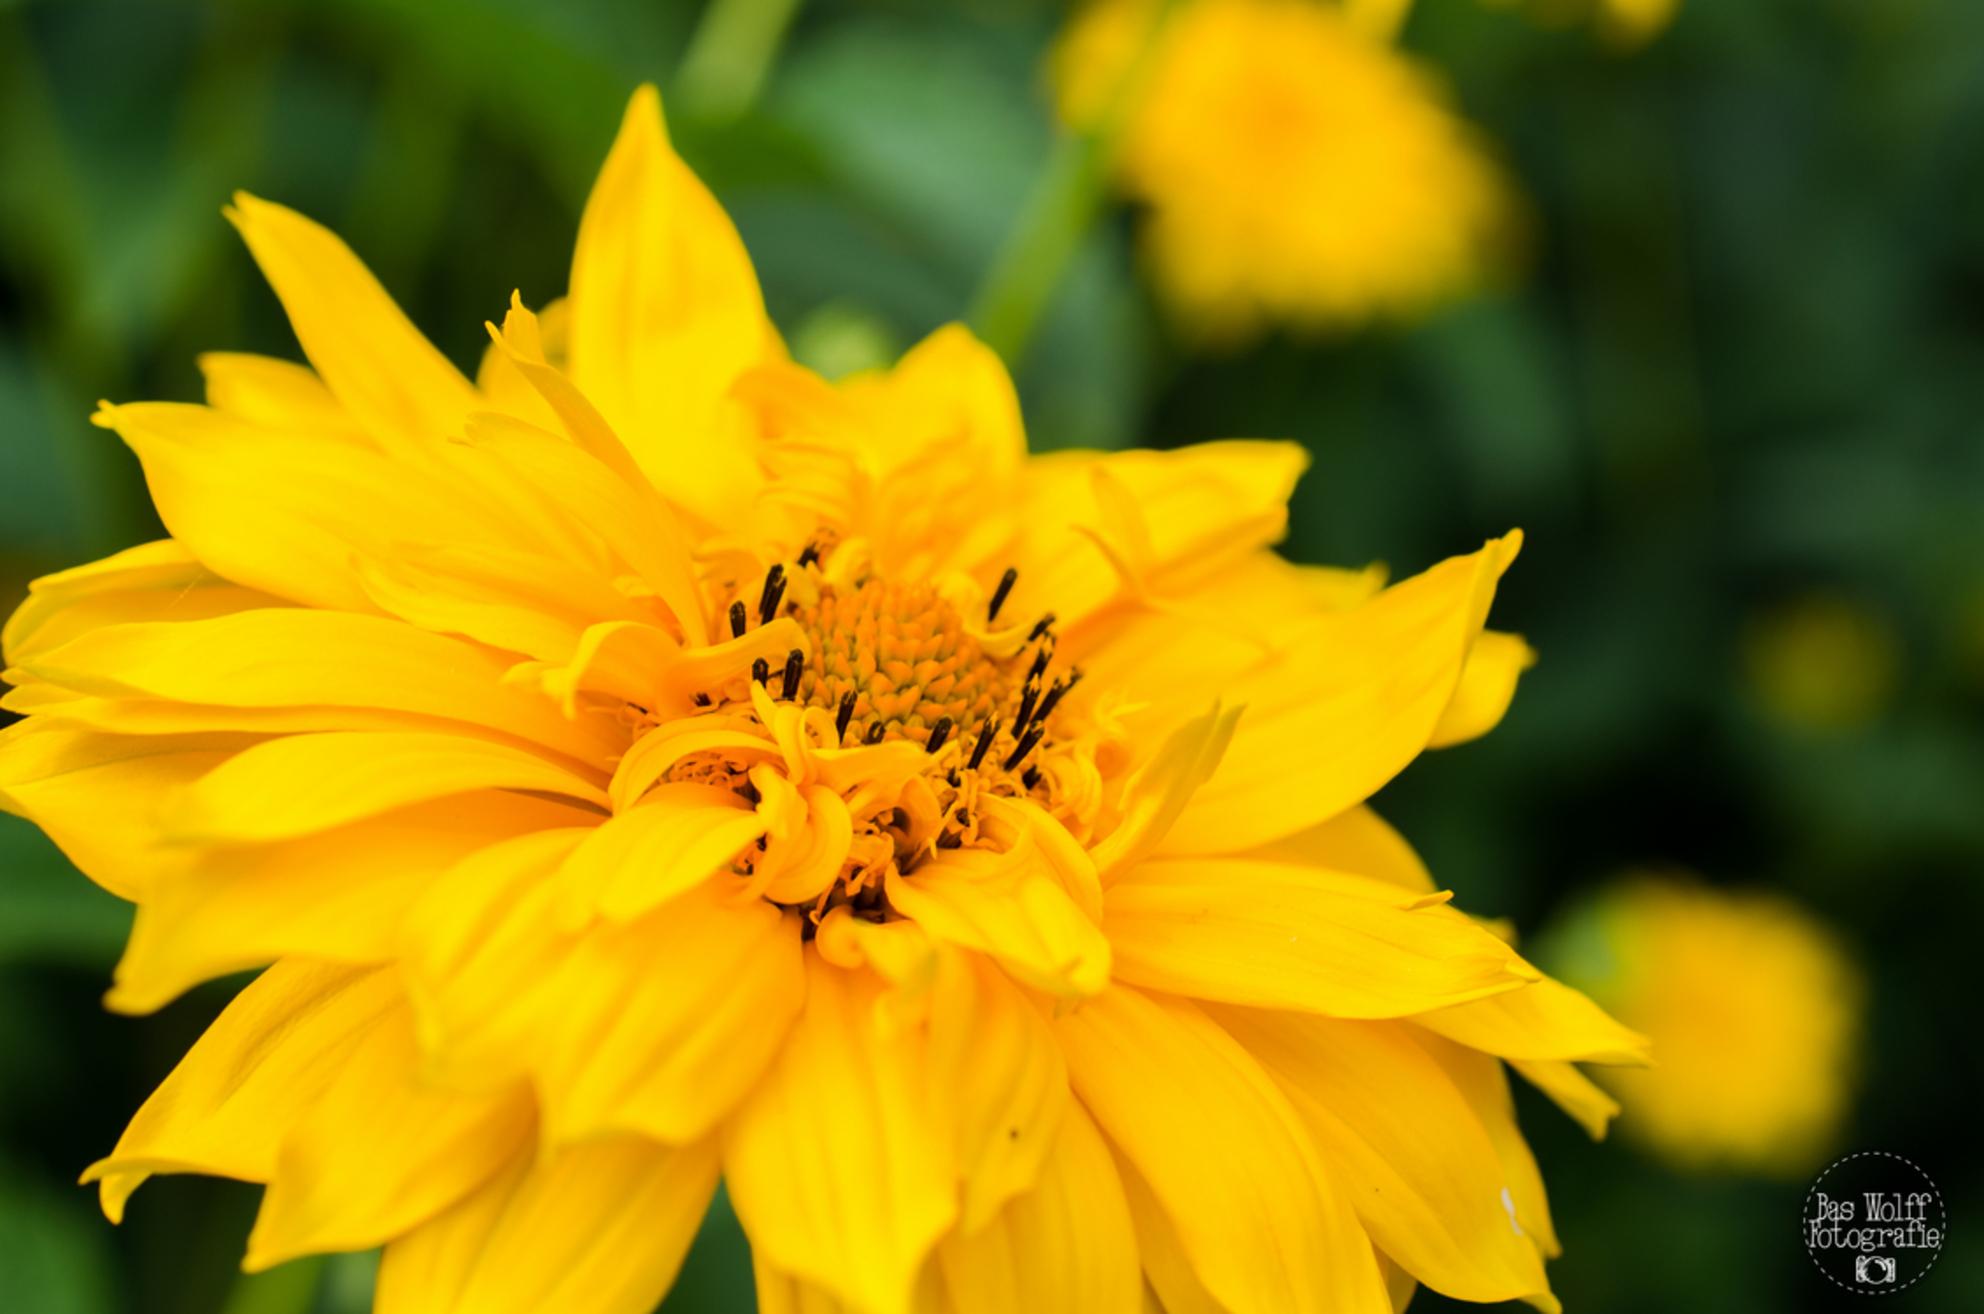 IJssevliedt - Ik ben geen planten/ bloemenkenner, wie helpt mij? - foto door baswolff op 26-06-2014 - deze foto bevat: groen, paars, macro, zon, plant, bloem, zonnebloem, natuur, geel, distel, landgoed, zomer, meeldraden, nikon, stekels, wezep, ijsselvliedt, D5100